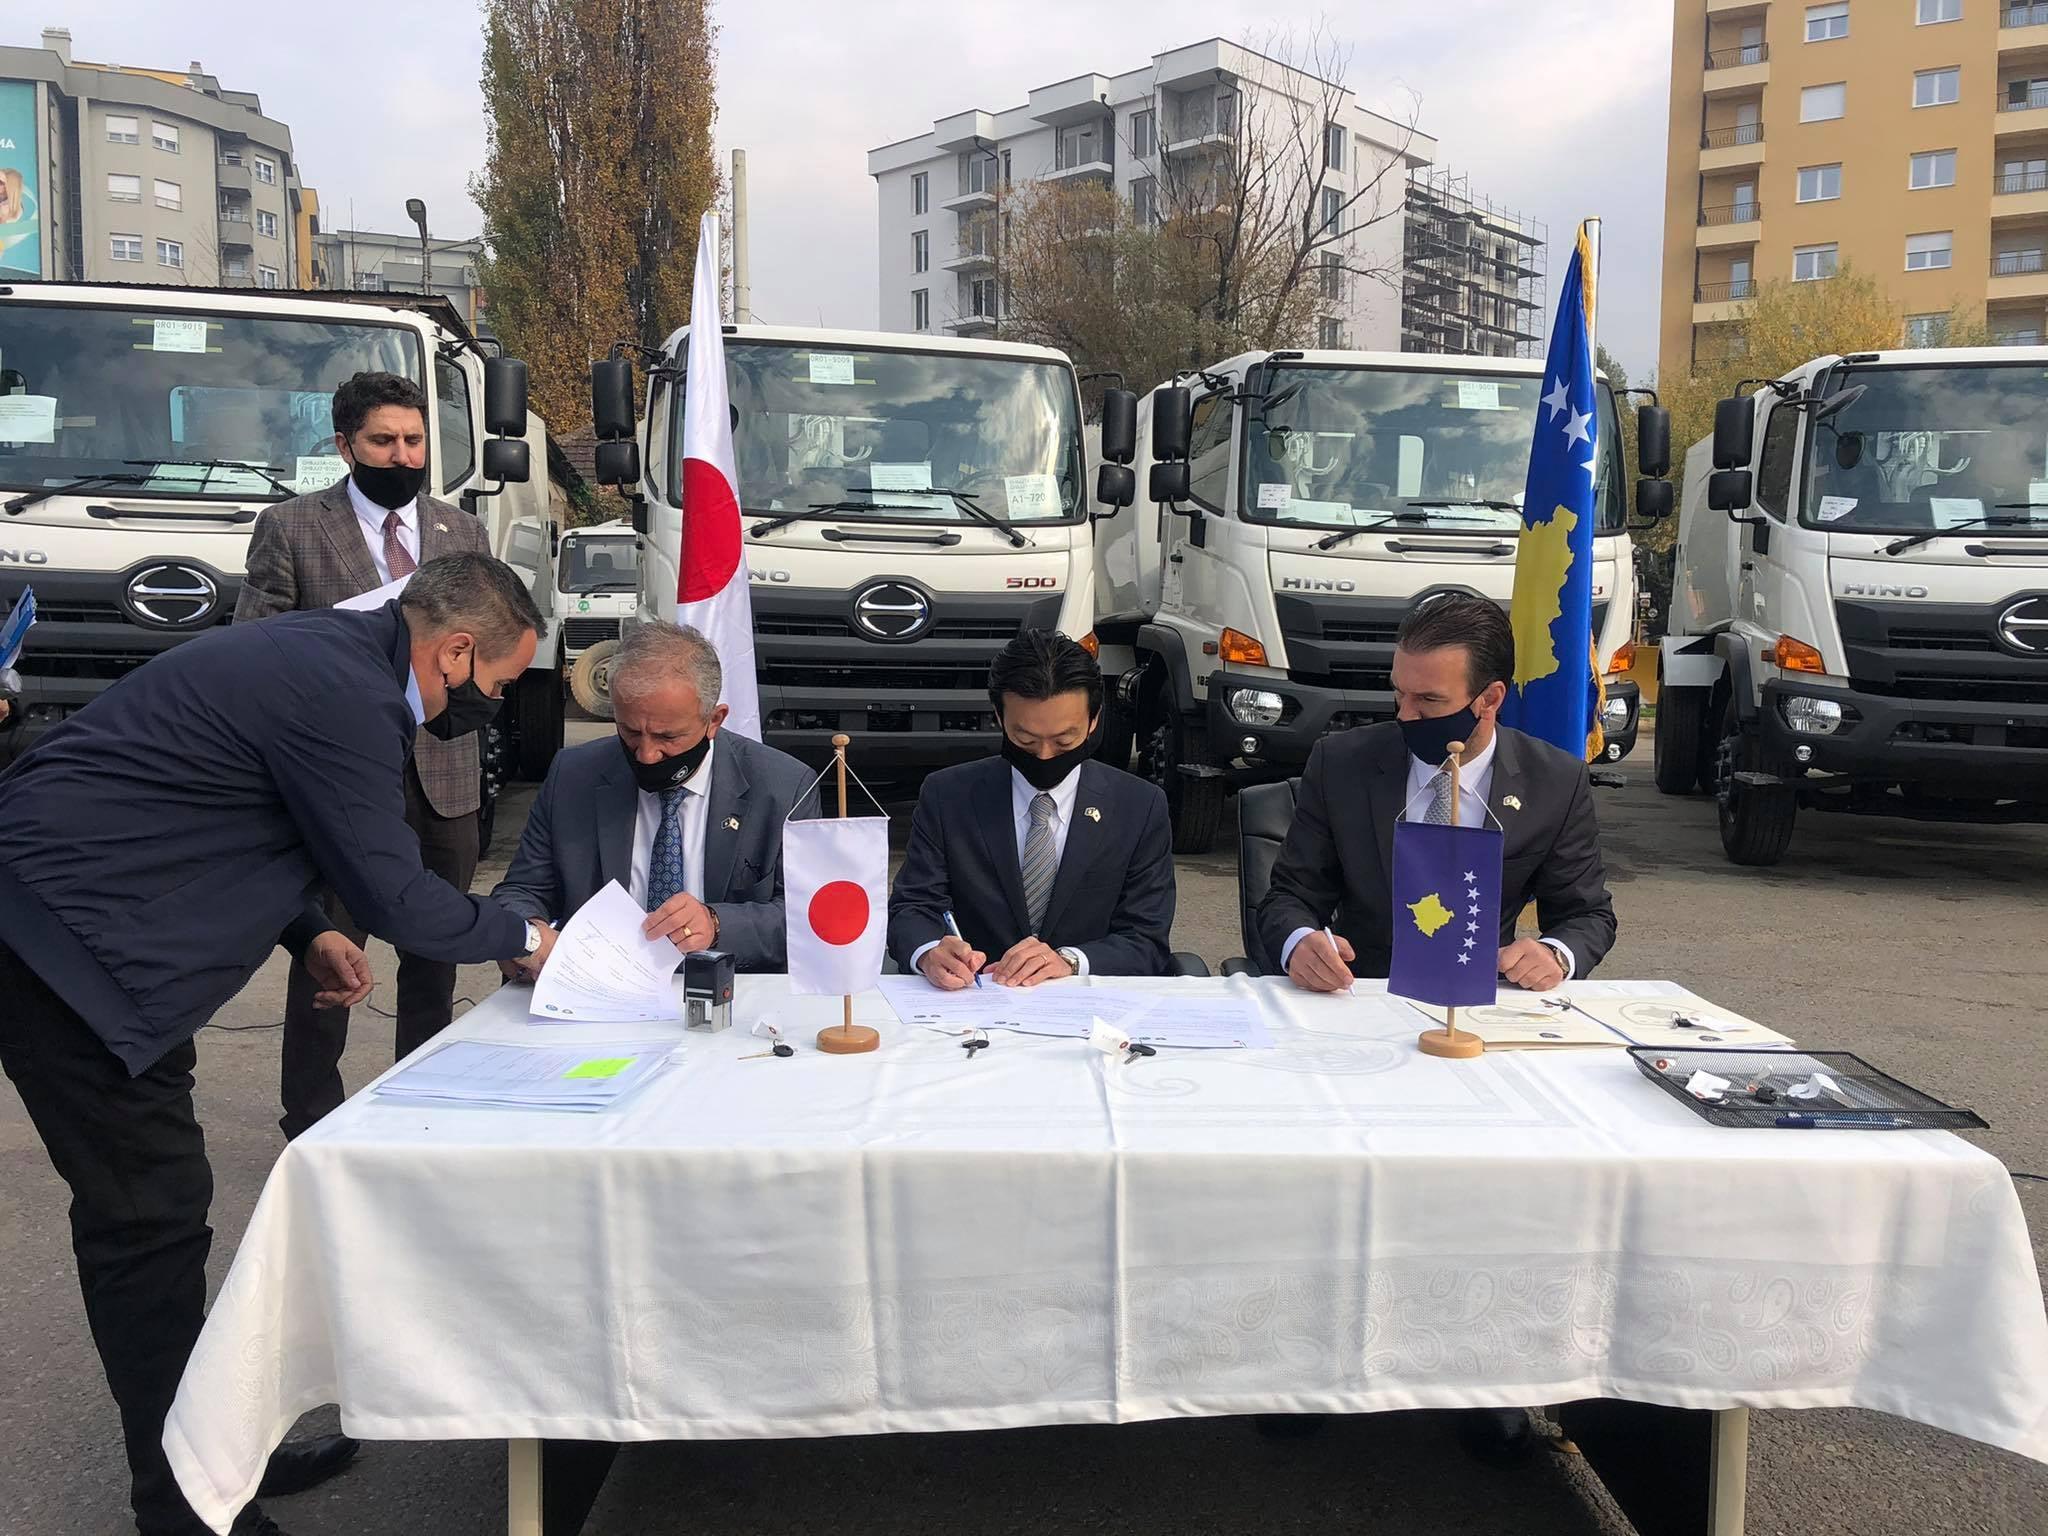 Komuna e Suharekës përfiton 4 kamionë donacion nga Japonia, për pastërtinë e ambientit